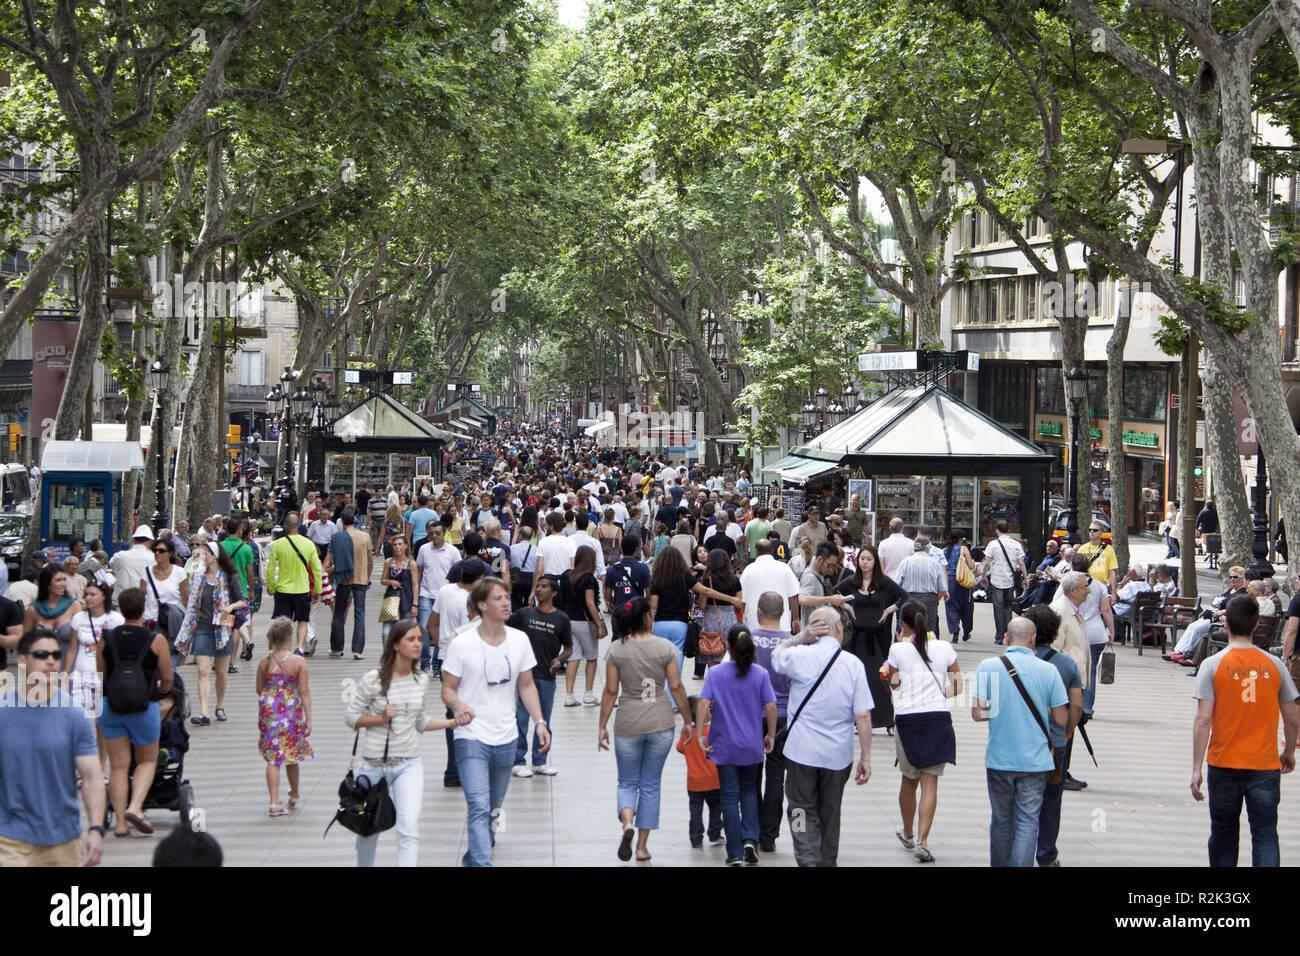 Spanien, Barcelona, Promenade 'La Rambla', Stockfoto